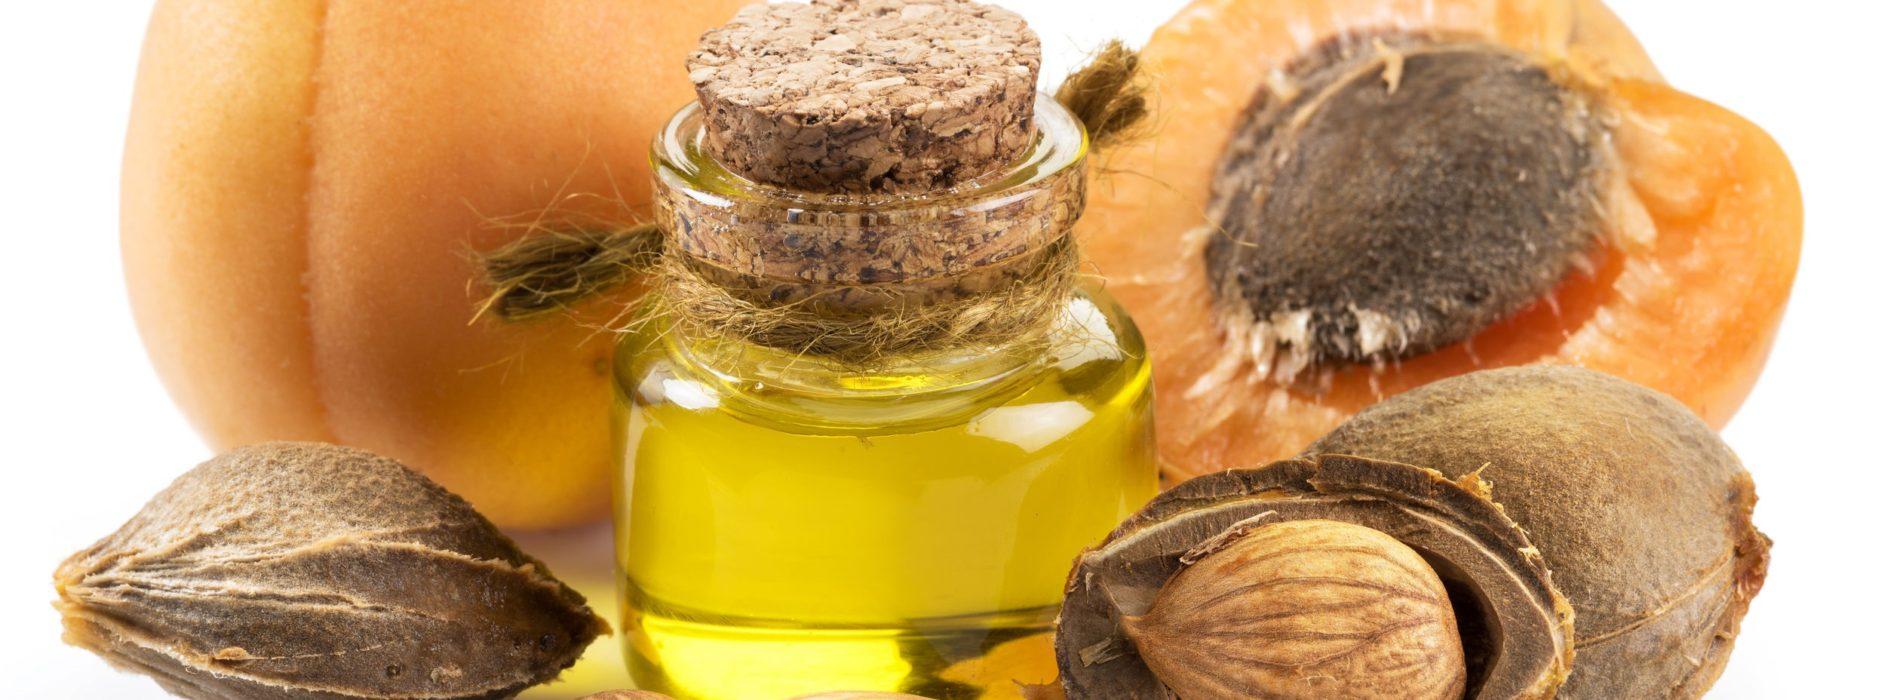 Olej z pestek moreli – Właściwości lecznicze i zastosowanie